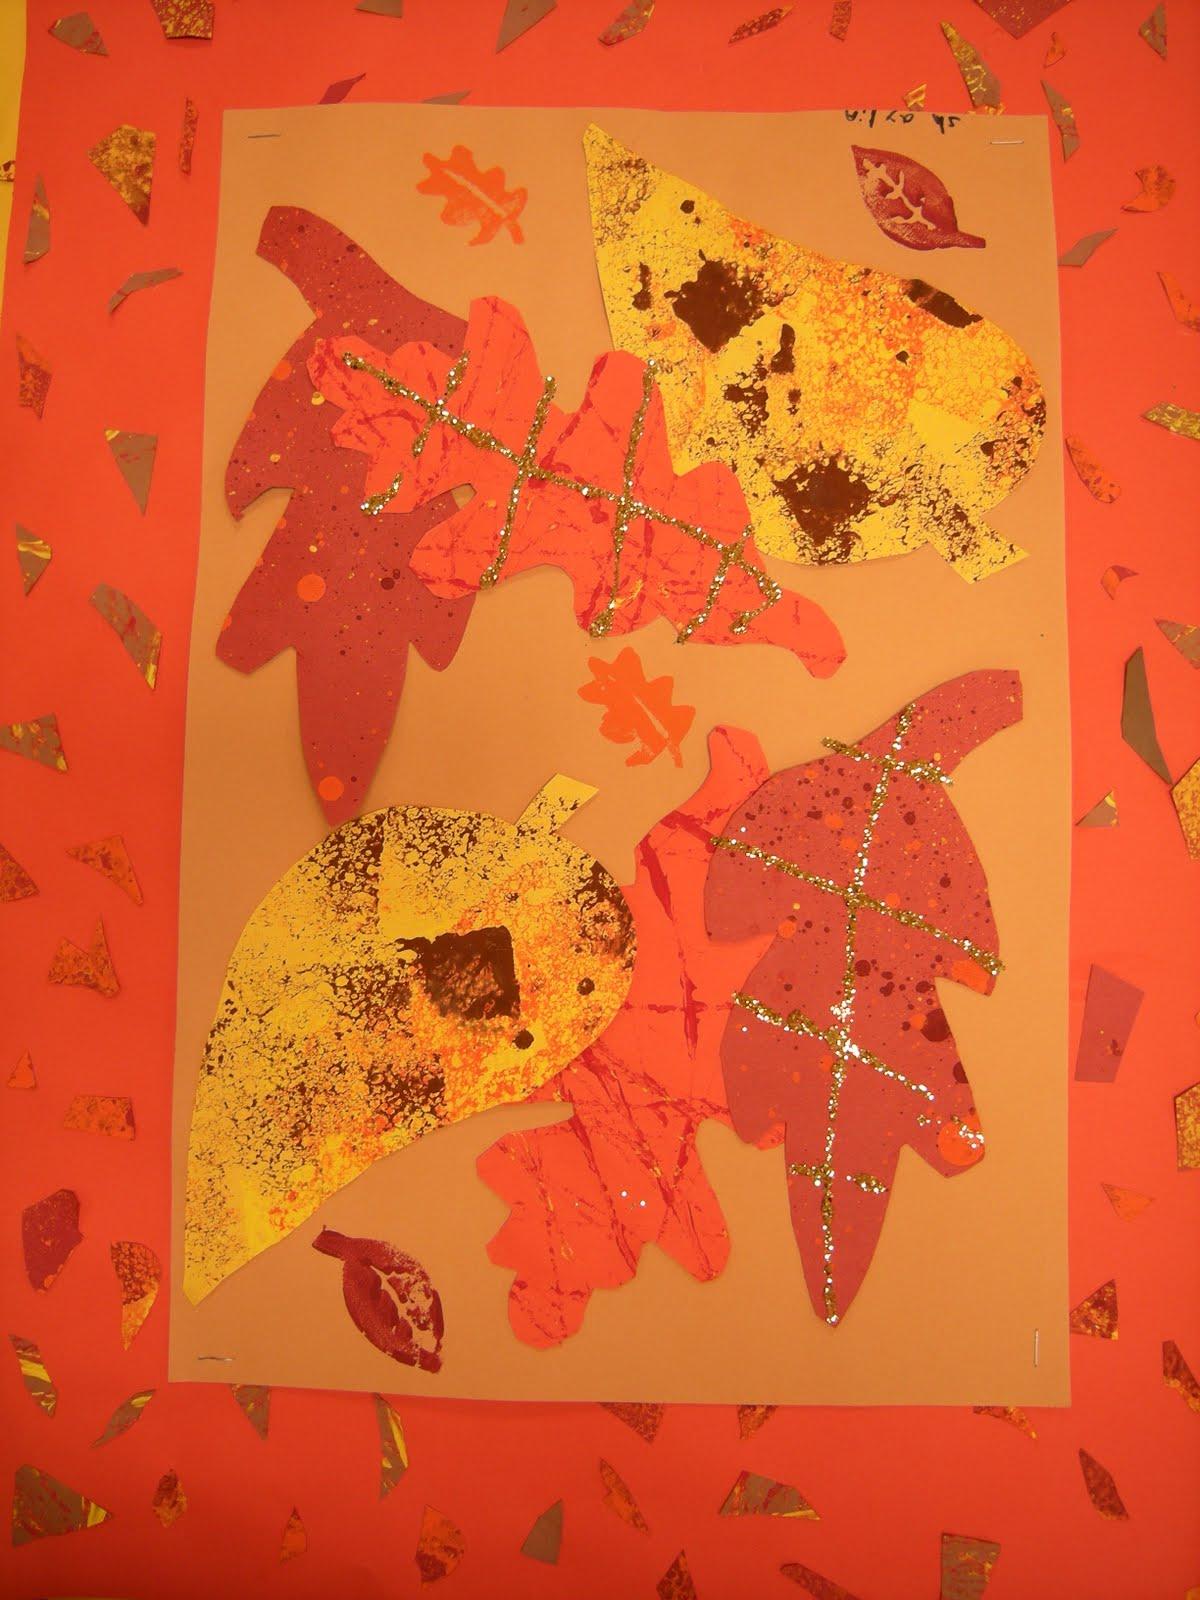 Artolazzi Fall Leaf Collage